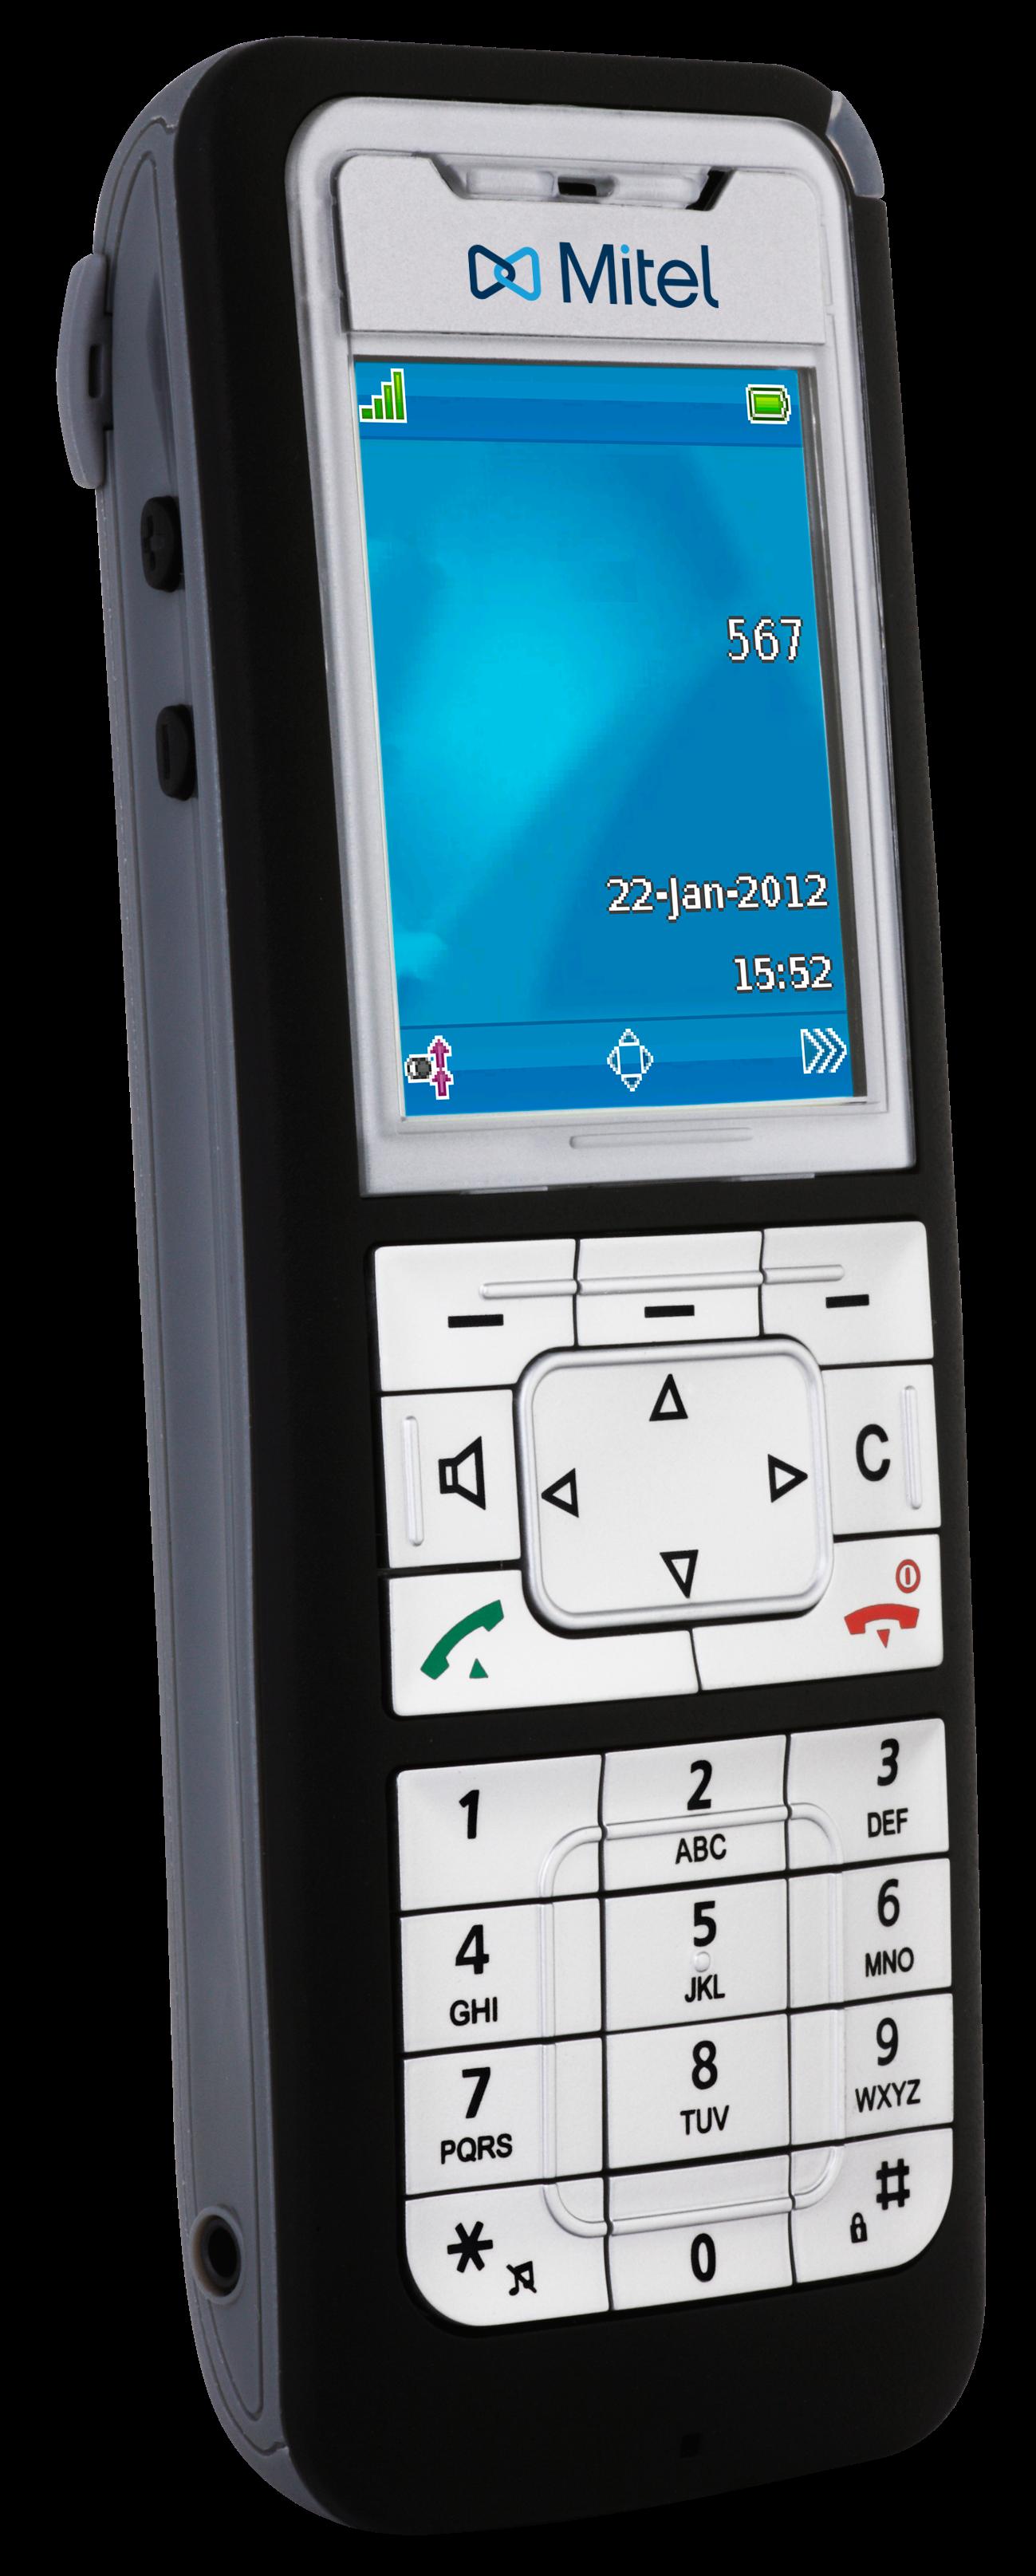 Mitel 612 DECT Phone